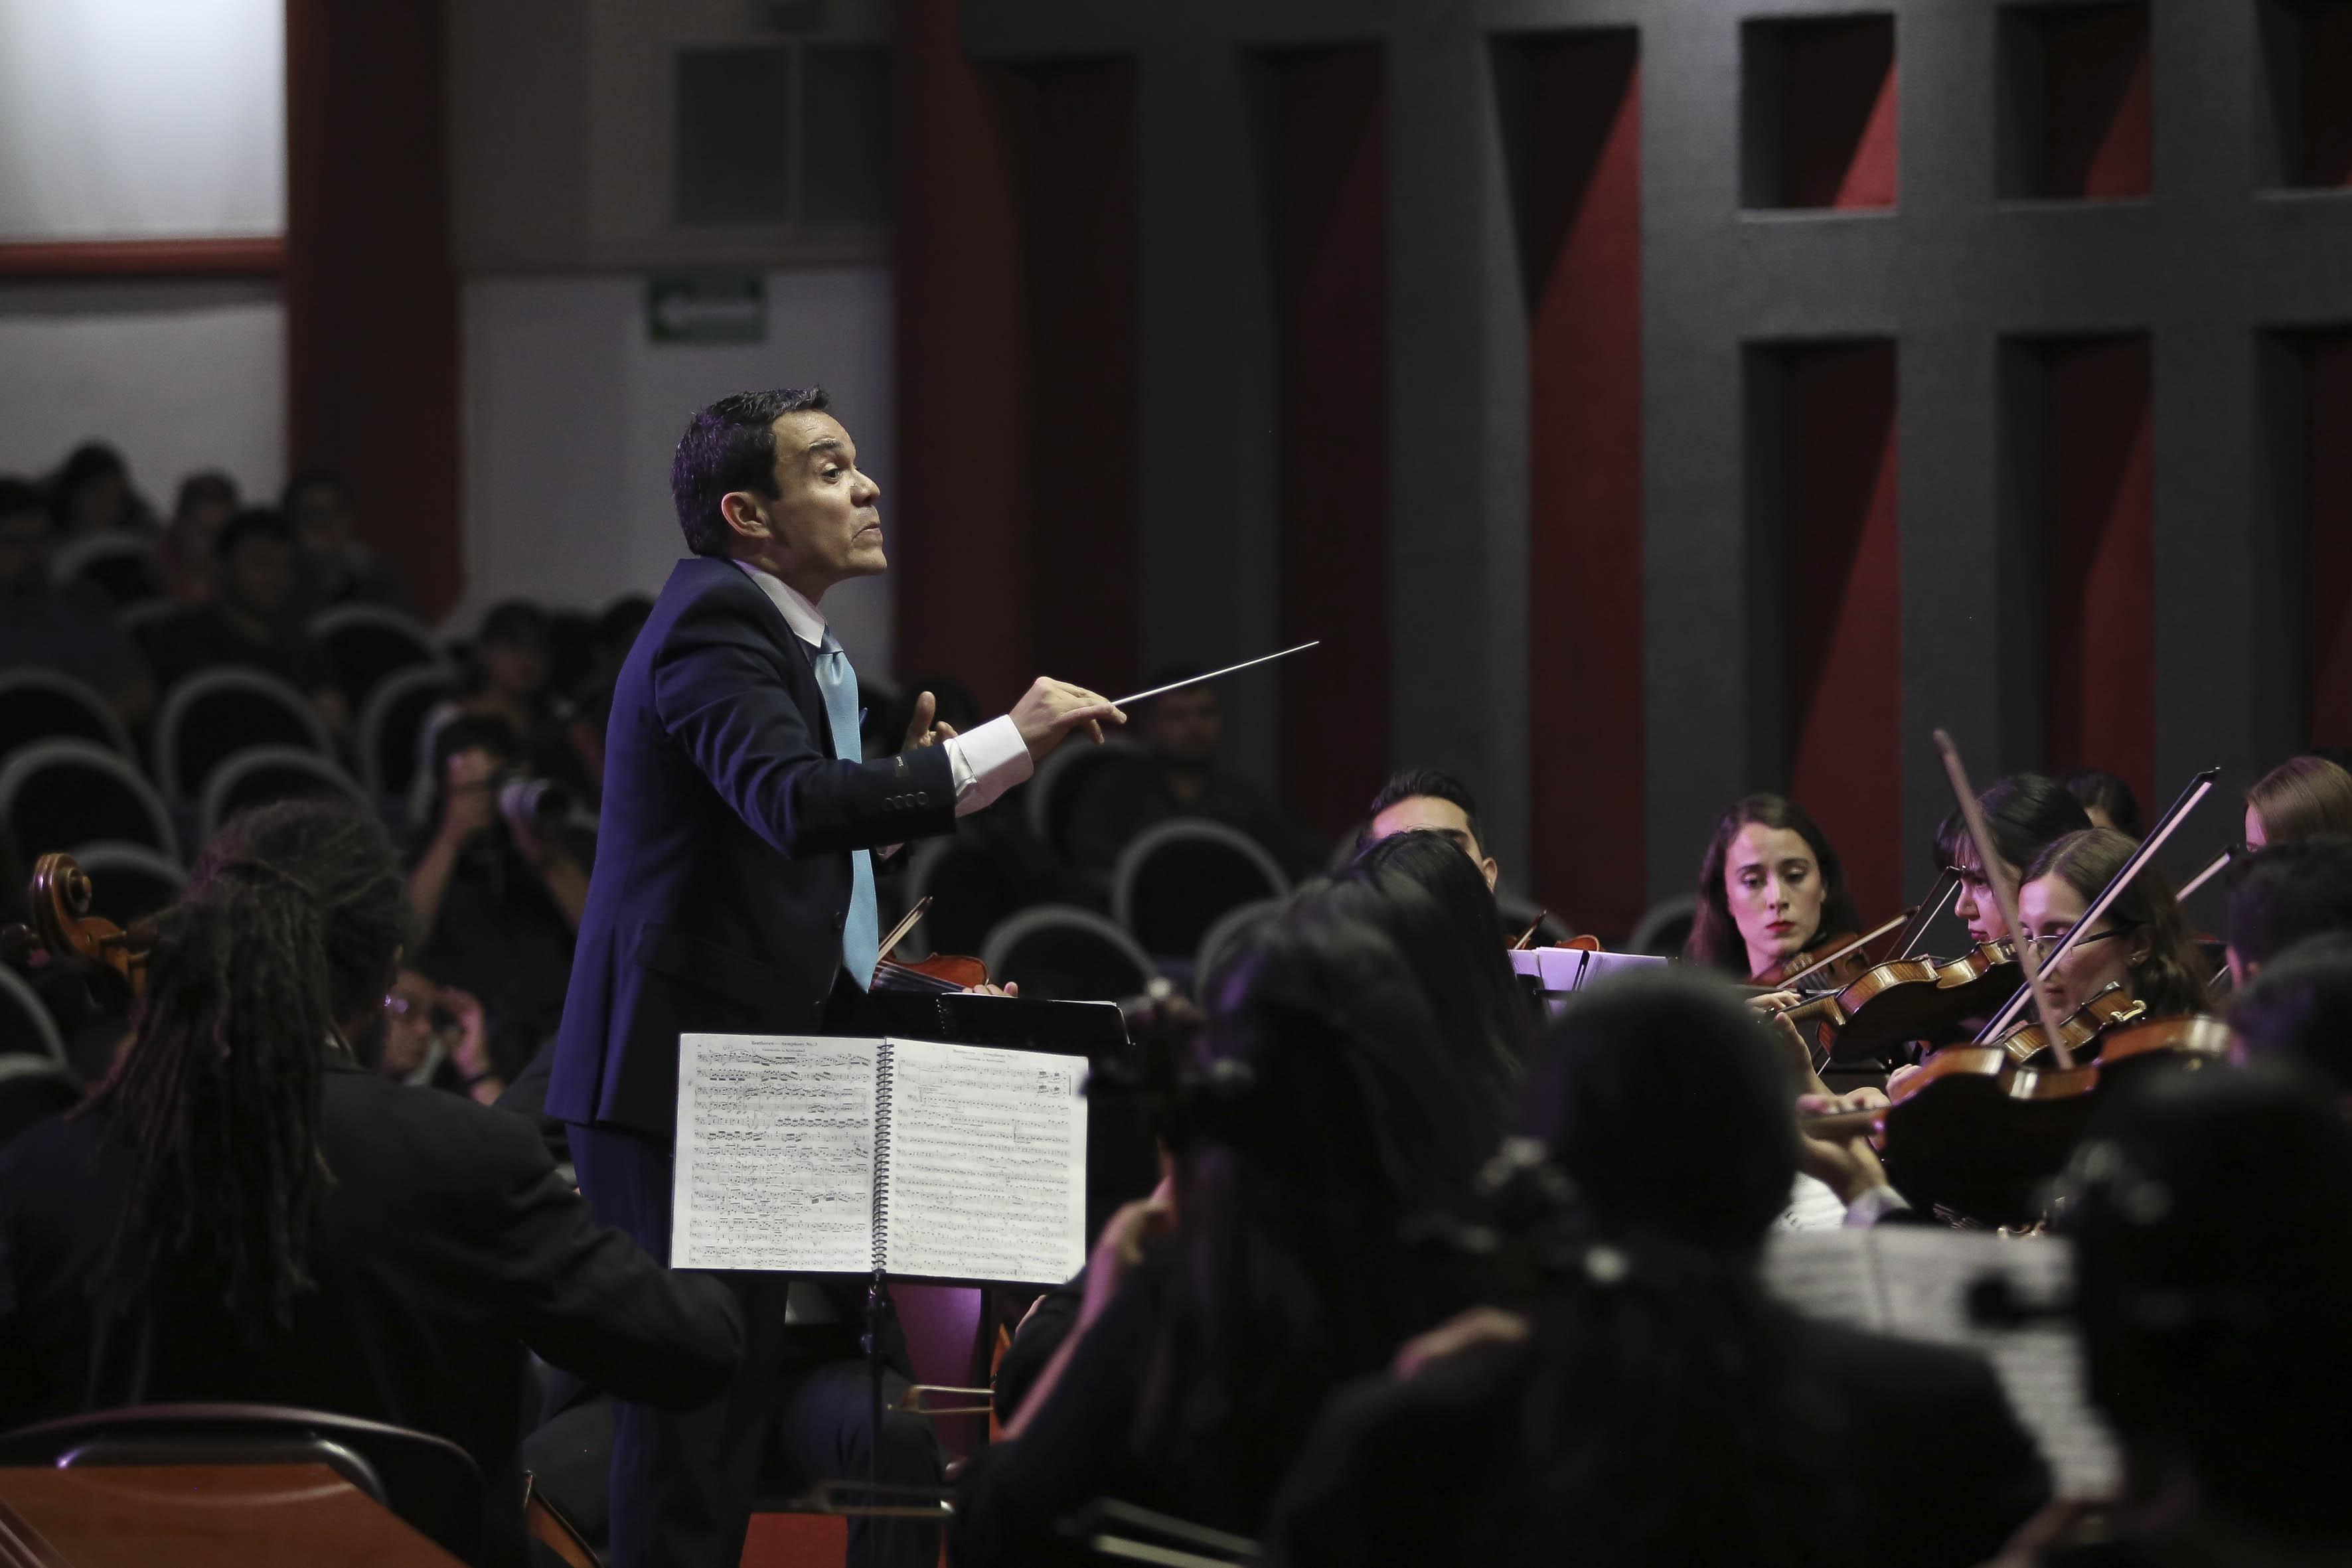 Director de la Orquesta tomado de costado